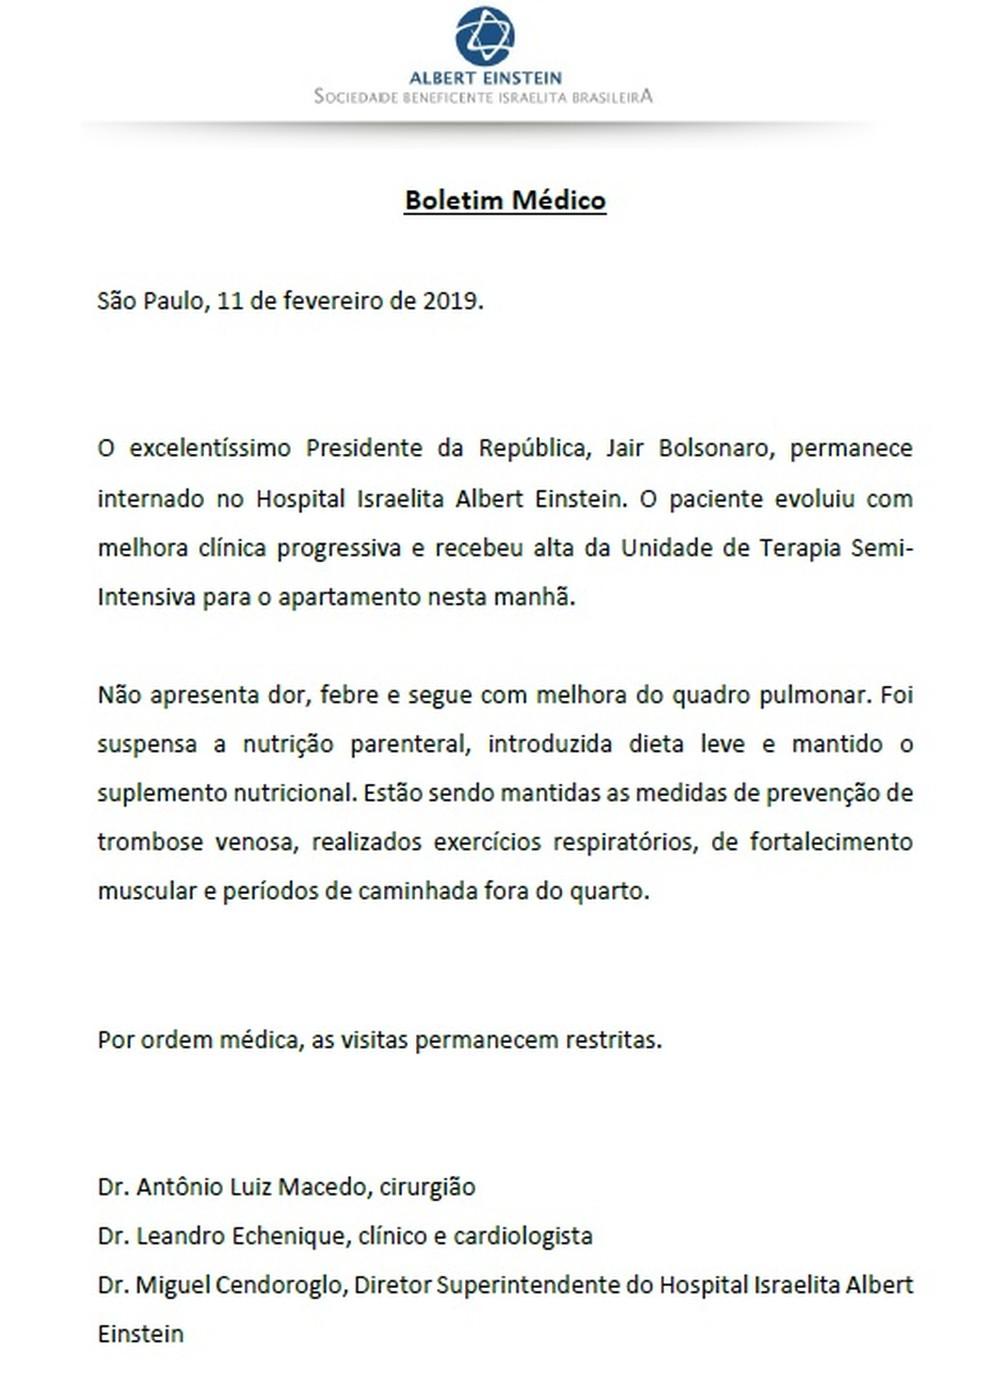 Boletim médico sobre o estado de saúde de Jair Bolsonaro nesta segunda-feira (11) — Foto: Reprodução